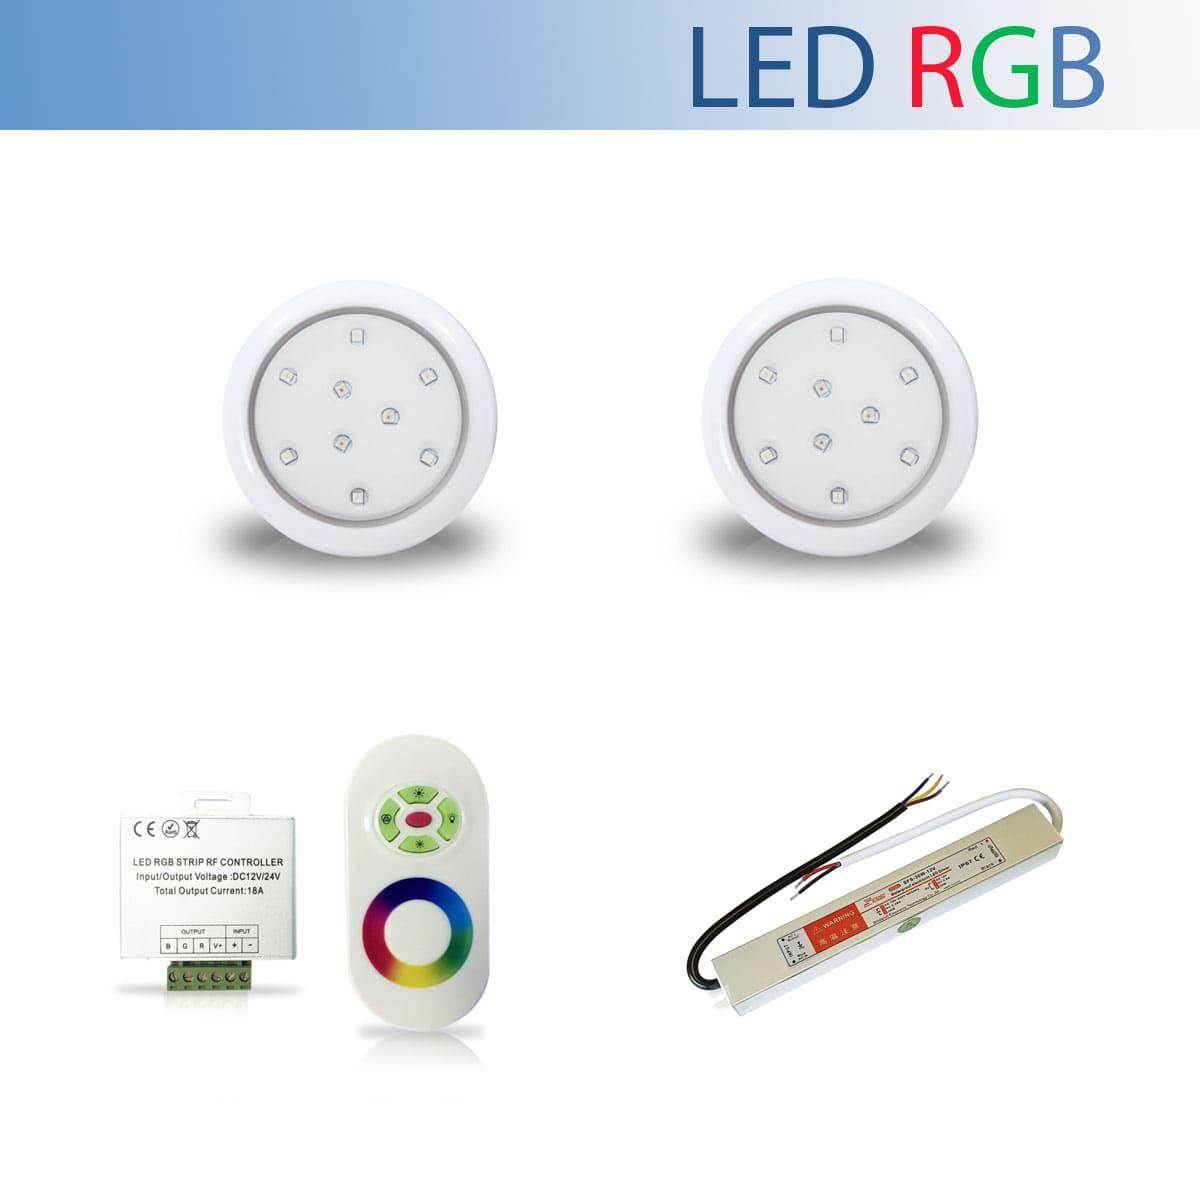 Kit 2 Luminária Led RGB para Piscina de 9W 80mm + Fonte Blindada IP67 de 36W + Controle RGB